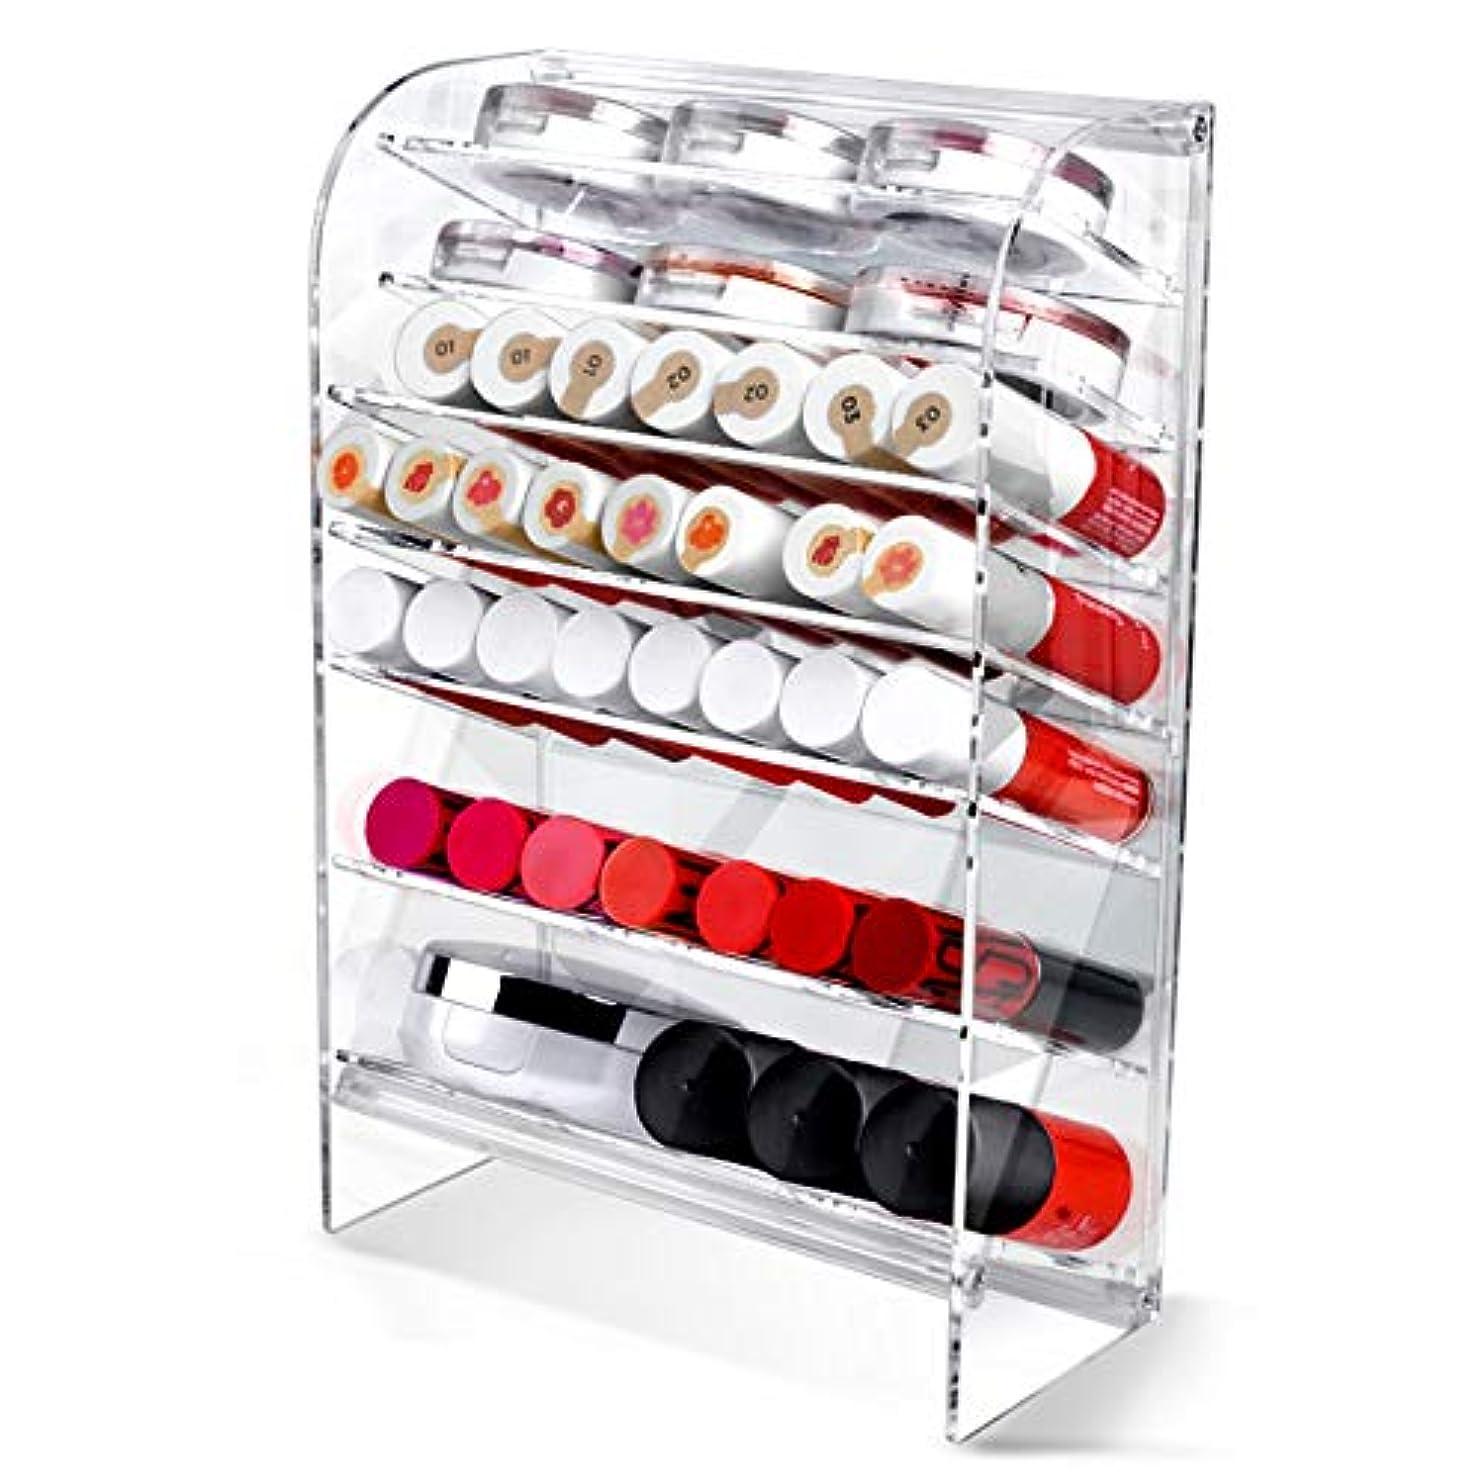 観光に行く人工ビジネスAcrylic アクリル DIY Cosmetic 透明 コスメケース メイクケース メイクボックス 化粧品 入れ コスメ リップスティック 収納 スタンド/Organizer storage For lipstick...